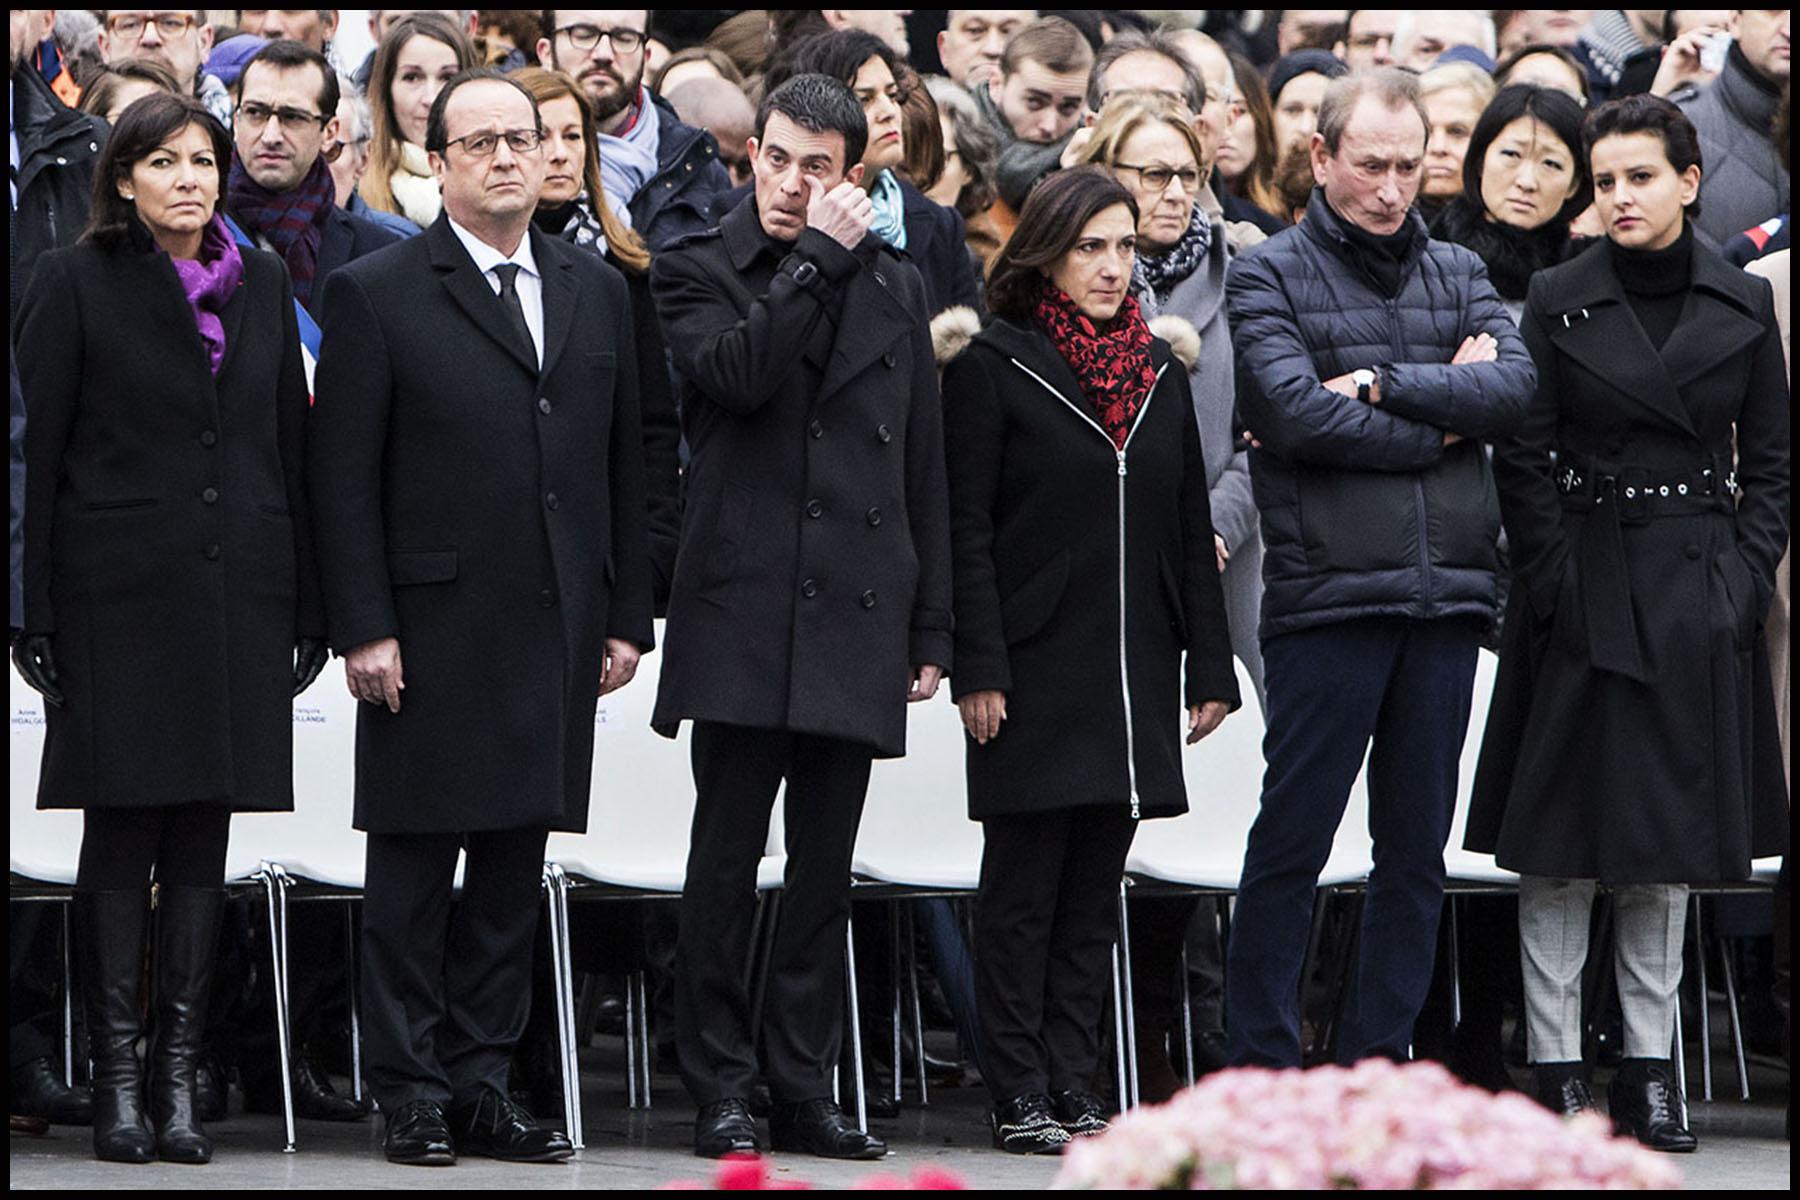 Le Président de la République François HOLLANDE rend un dernier hommage place de la République aux victimes des attentats de 2015, un an après la grande manifestation d'après Charlie.